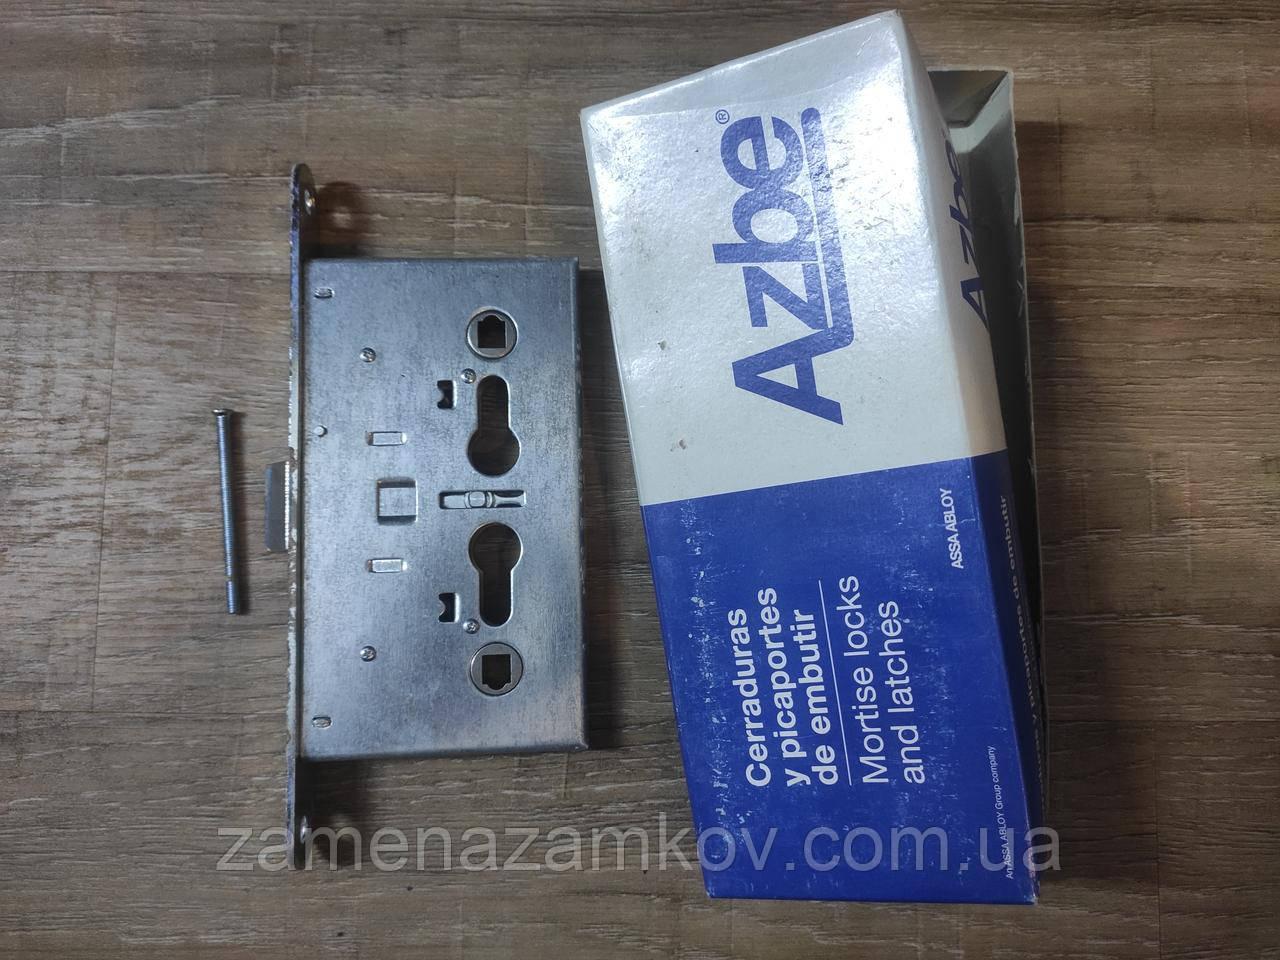 Акция! Замок + ручки Azbe S Mg Mod 485-72 комплект для дверей пожарных металлических или деревянных